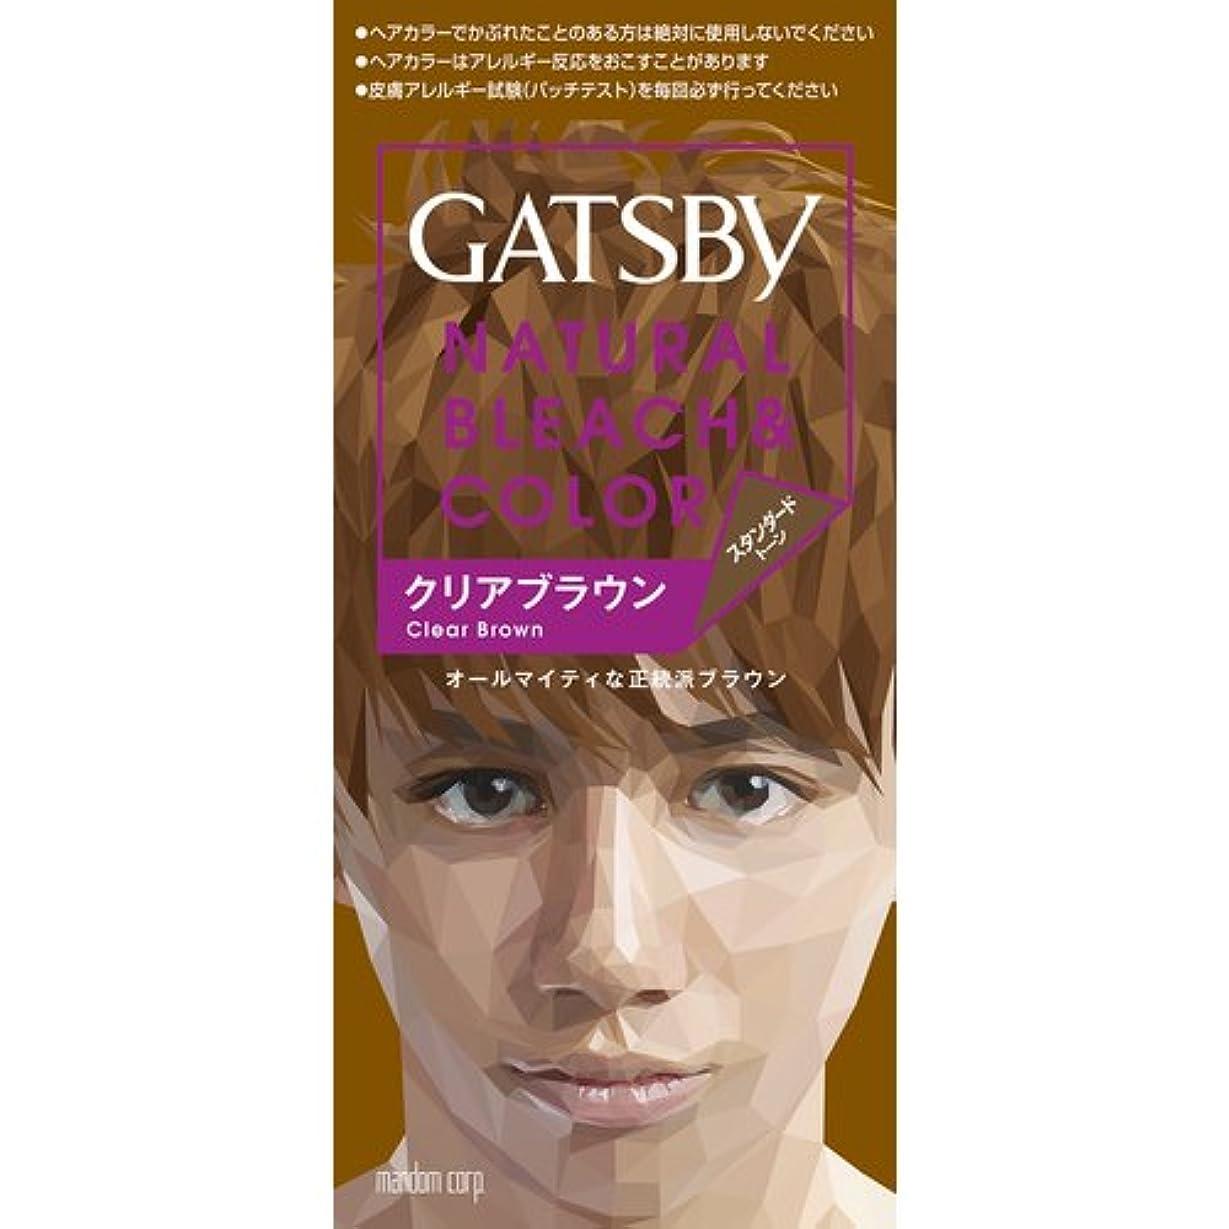 比較的ブレイズどれでもギャツビー(GATSBY) ナチュラルブリーチカラー クリアブラウン 35g+70ml [医薬部外品]